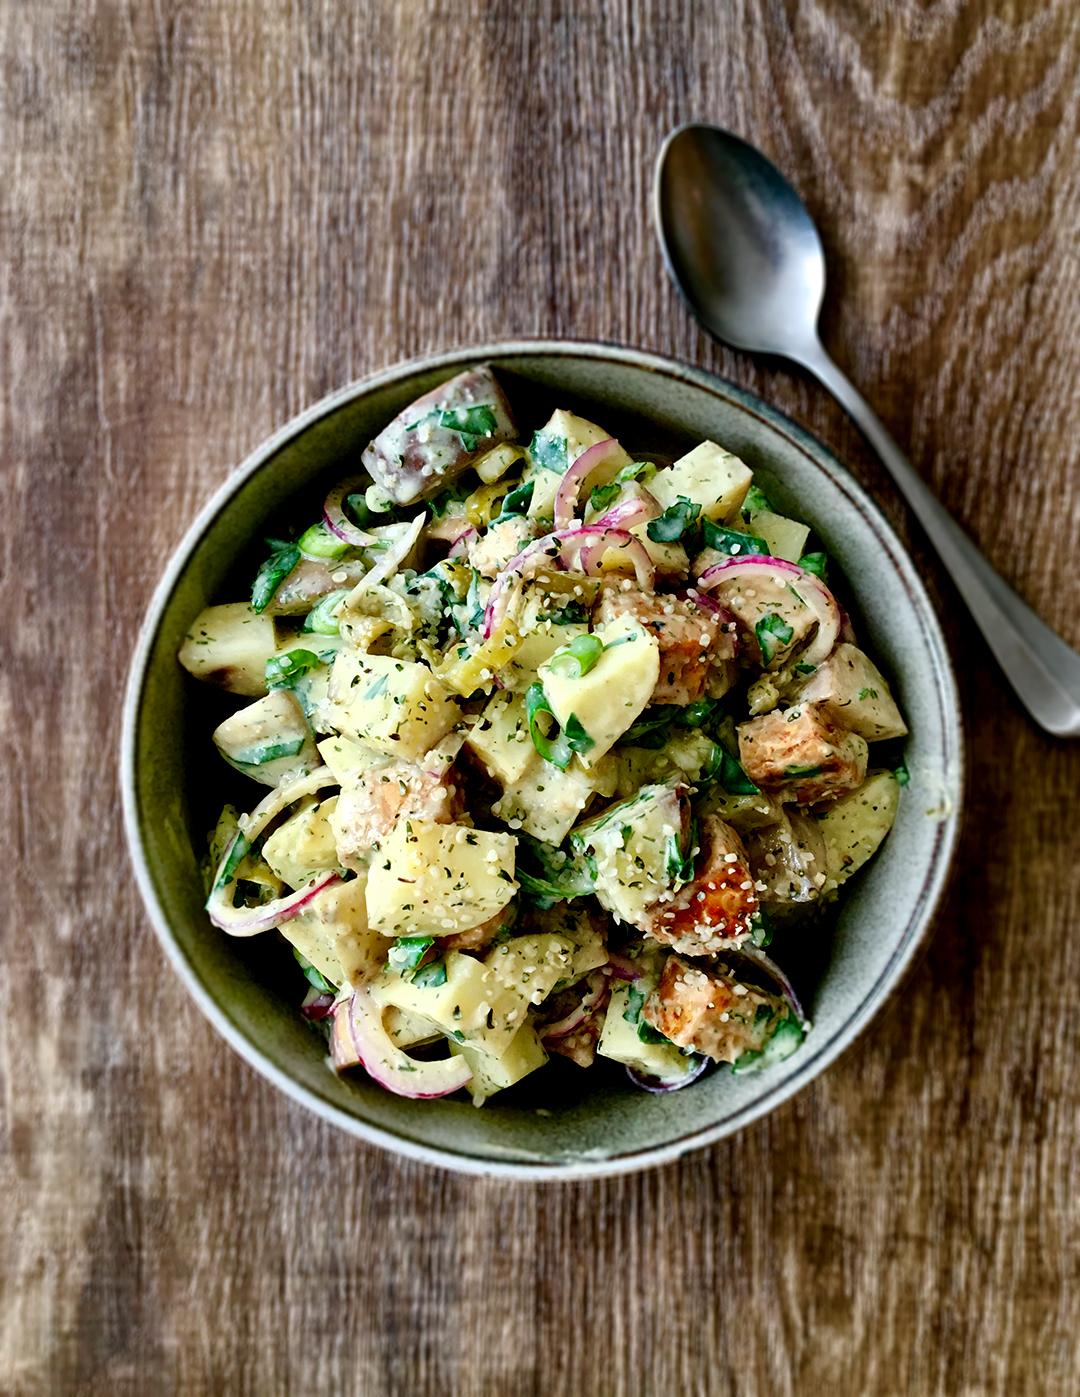 aardappelsalade-met smokey-tempeh-tahin-yogurtdressing-vegan-whole-foods-olievrij.jpg